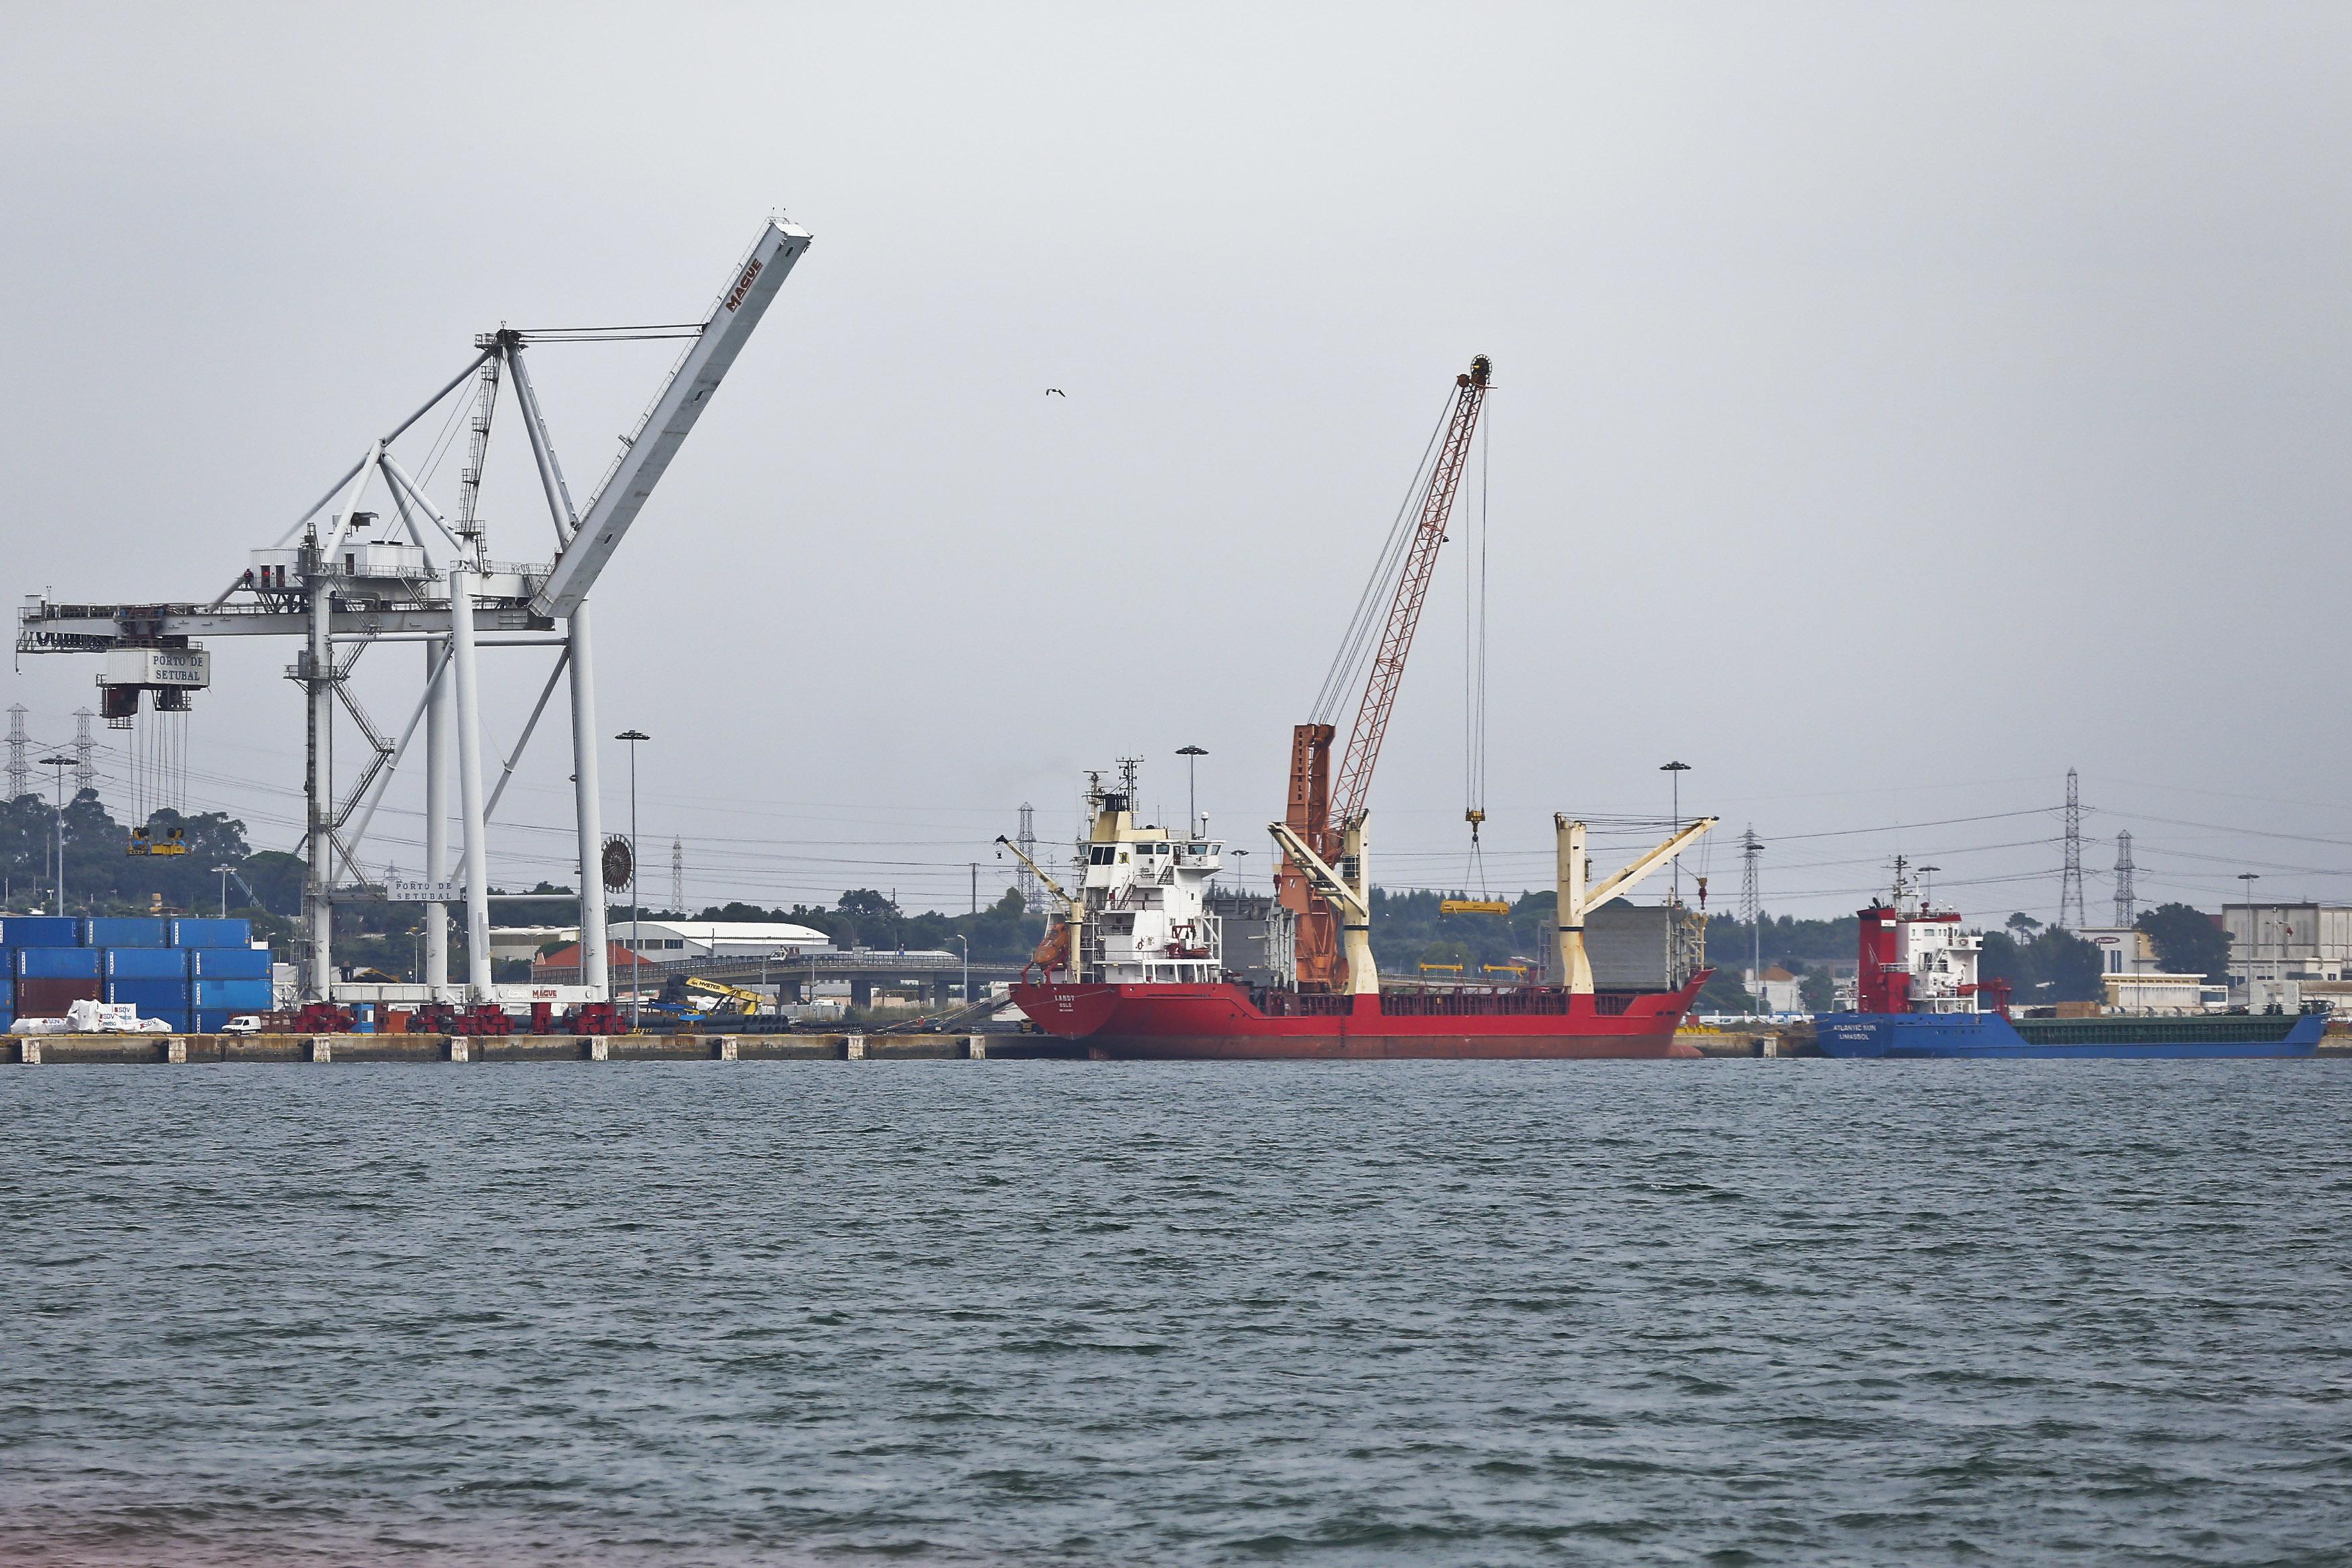 Moçambique ratifica acordo com Portugal sobre transportes marítimos e portos